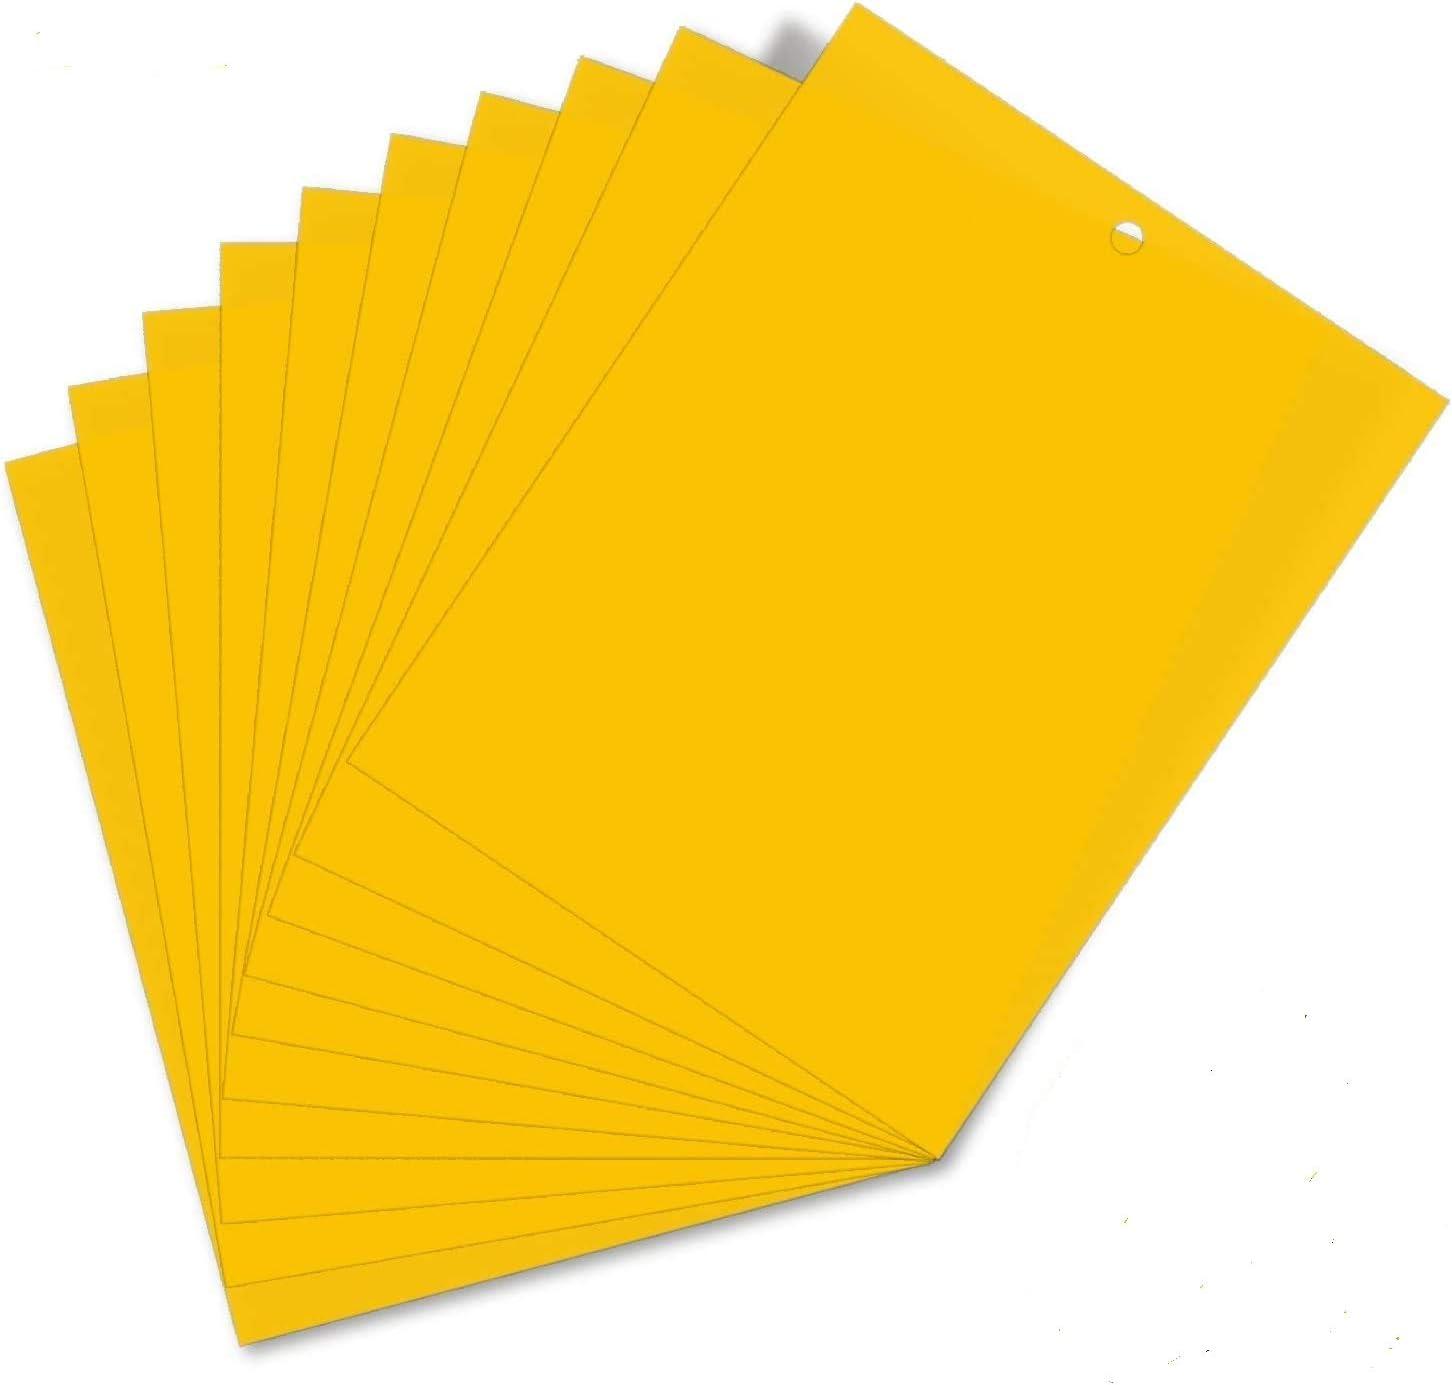 HellDoler Trampas de Insectos de Doble Cara,Trampas Pegajosas Papeles Pegajosos Amarillos Trampas de Moscas para Moscas,Pulgones,Mineros de Hojas,Polillas,15x20 cm (30PCS)